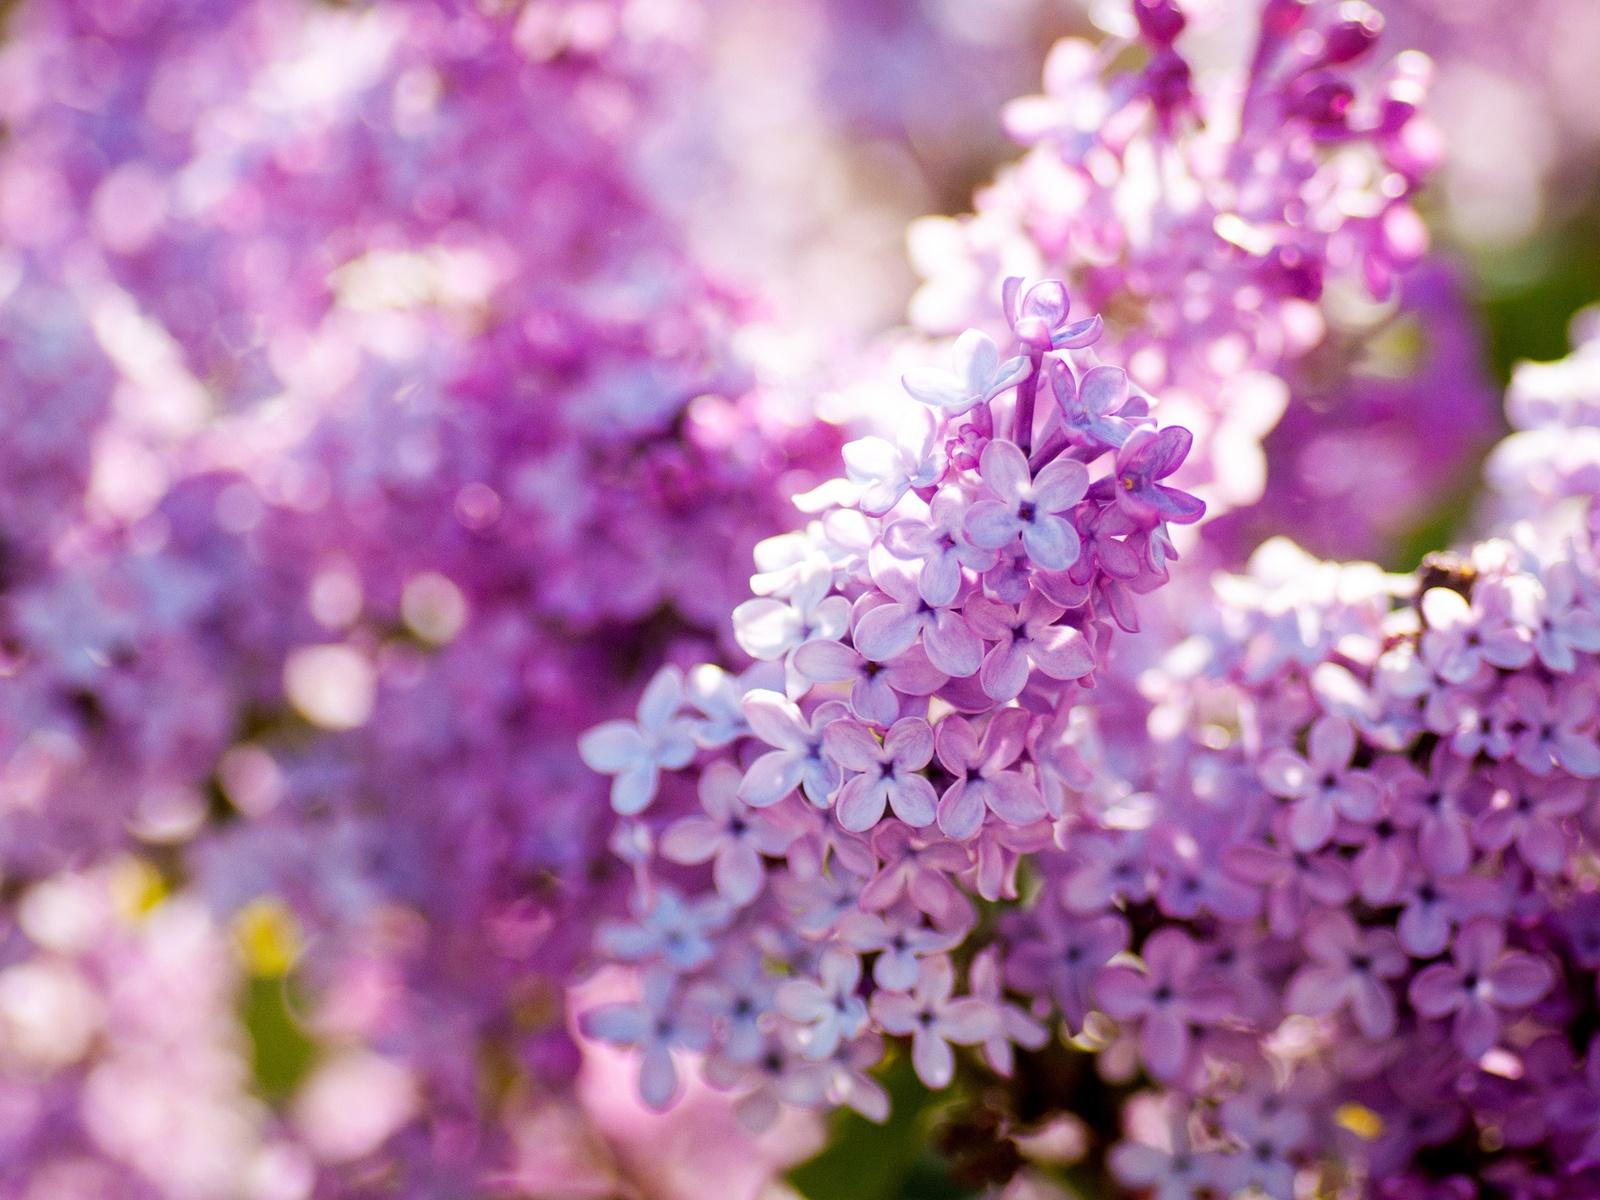 라일락 봄 꽃, 클로즈업 꽃 배경 화면 | 1600x1200 배경 화면 다운로드 | KR.Best ...